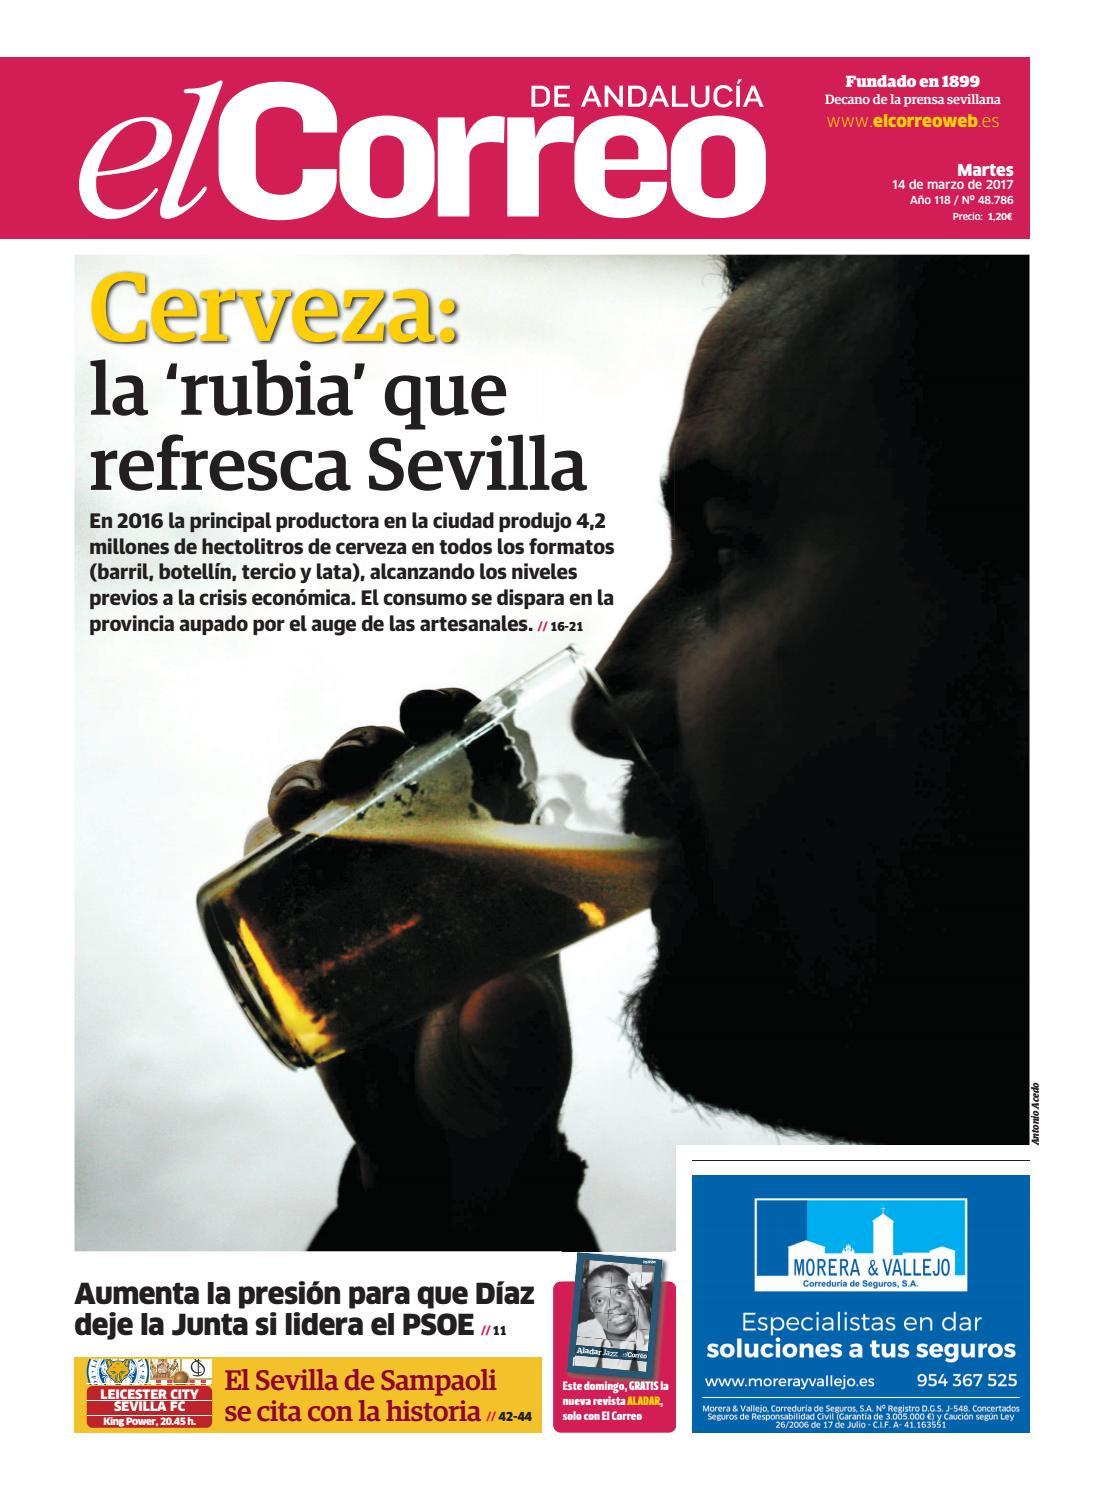 14 03 2017 El Correo de Andalucía by EL CORREO DE ANDALUCÍA S.L. - issuu 35ea75213c5